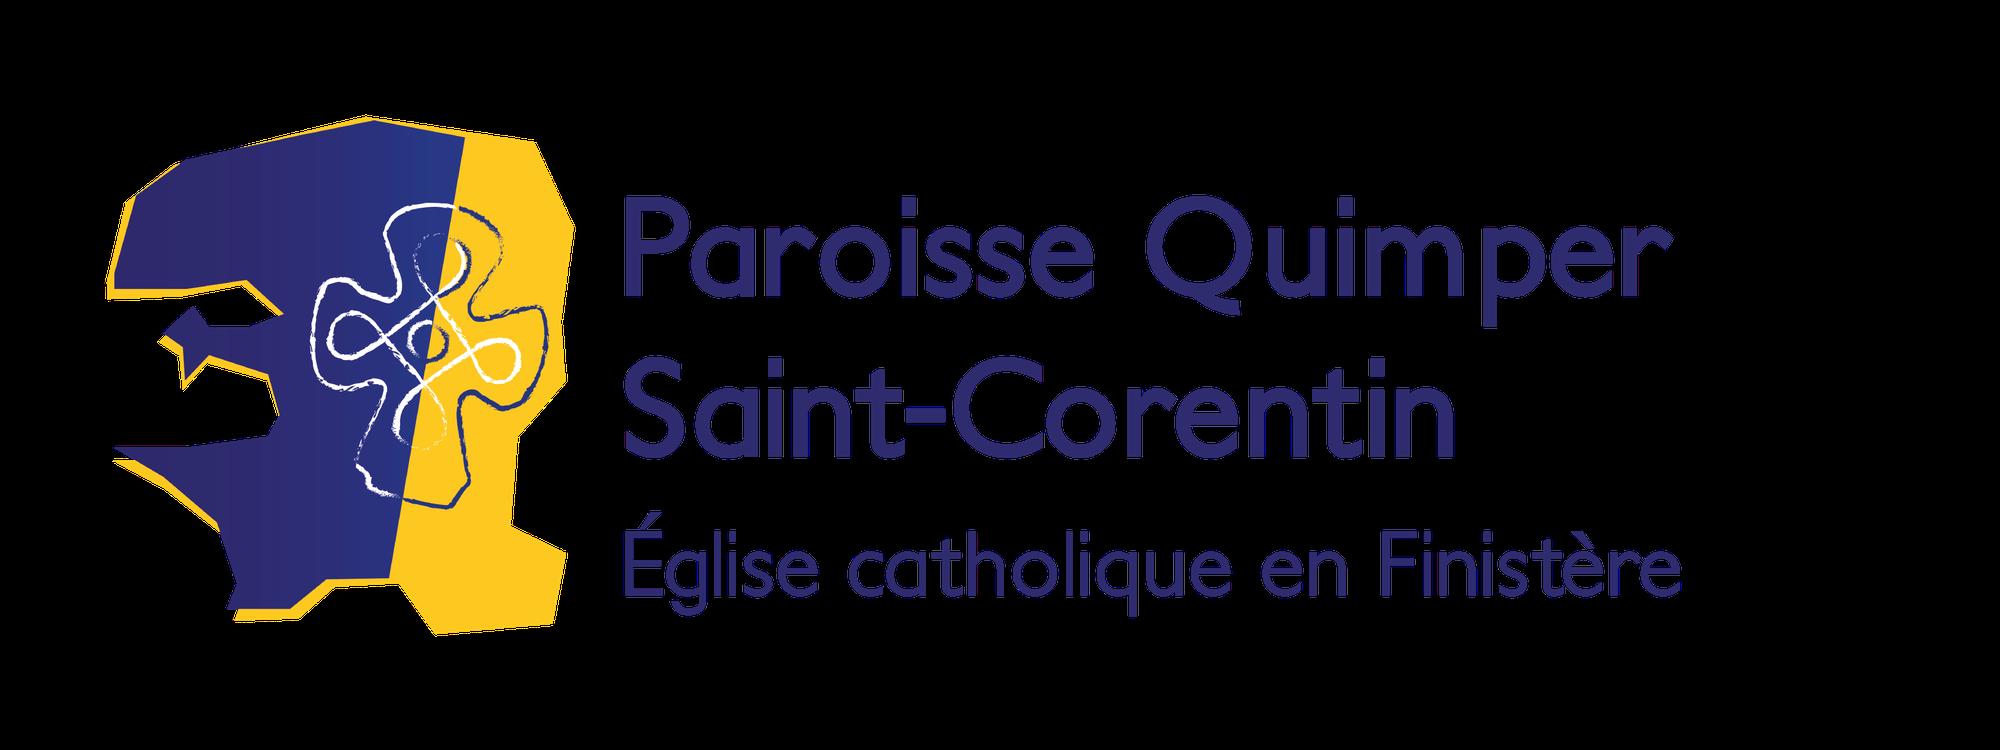 Bulletin paroissial du dimanche 10 janvier 2021